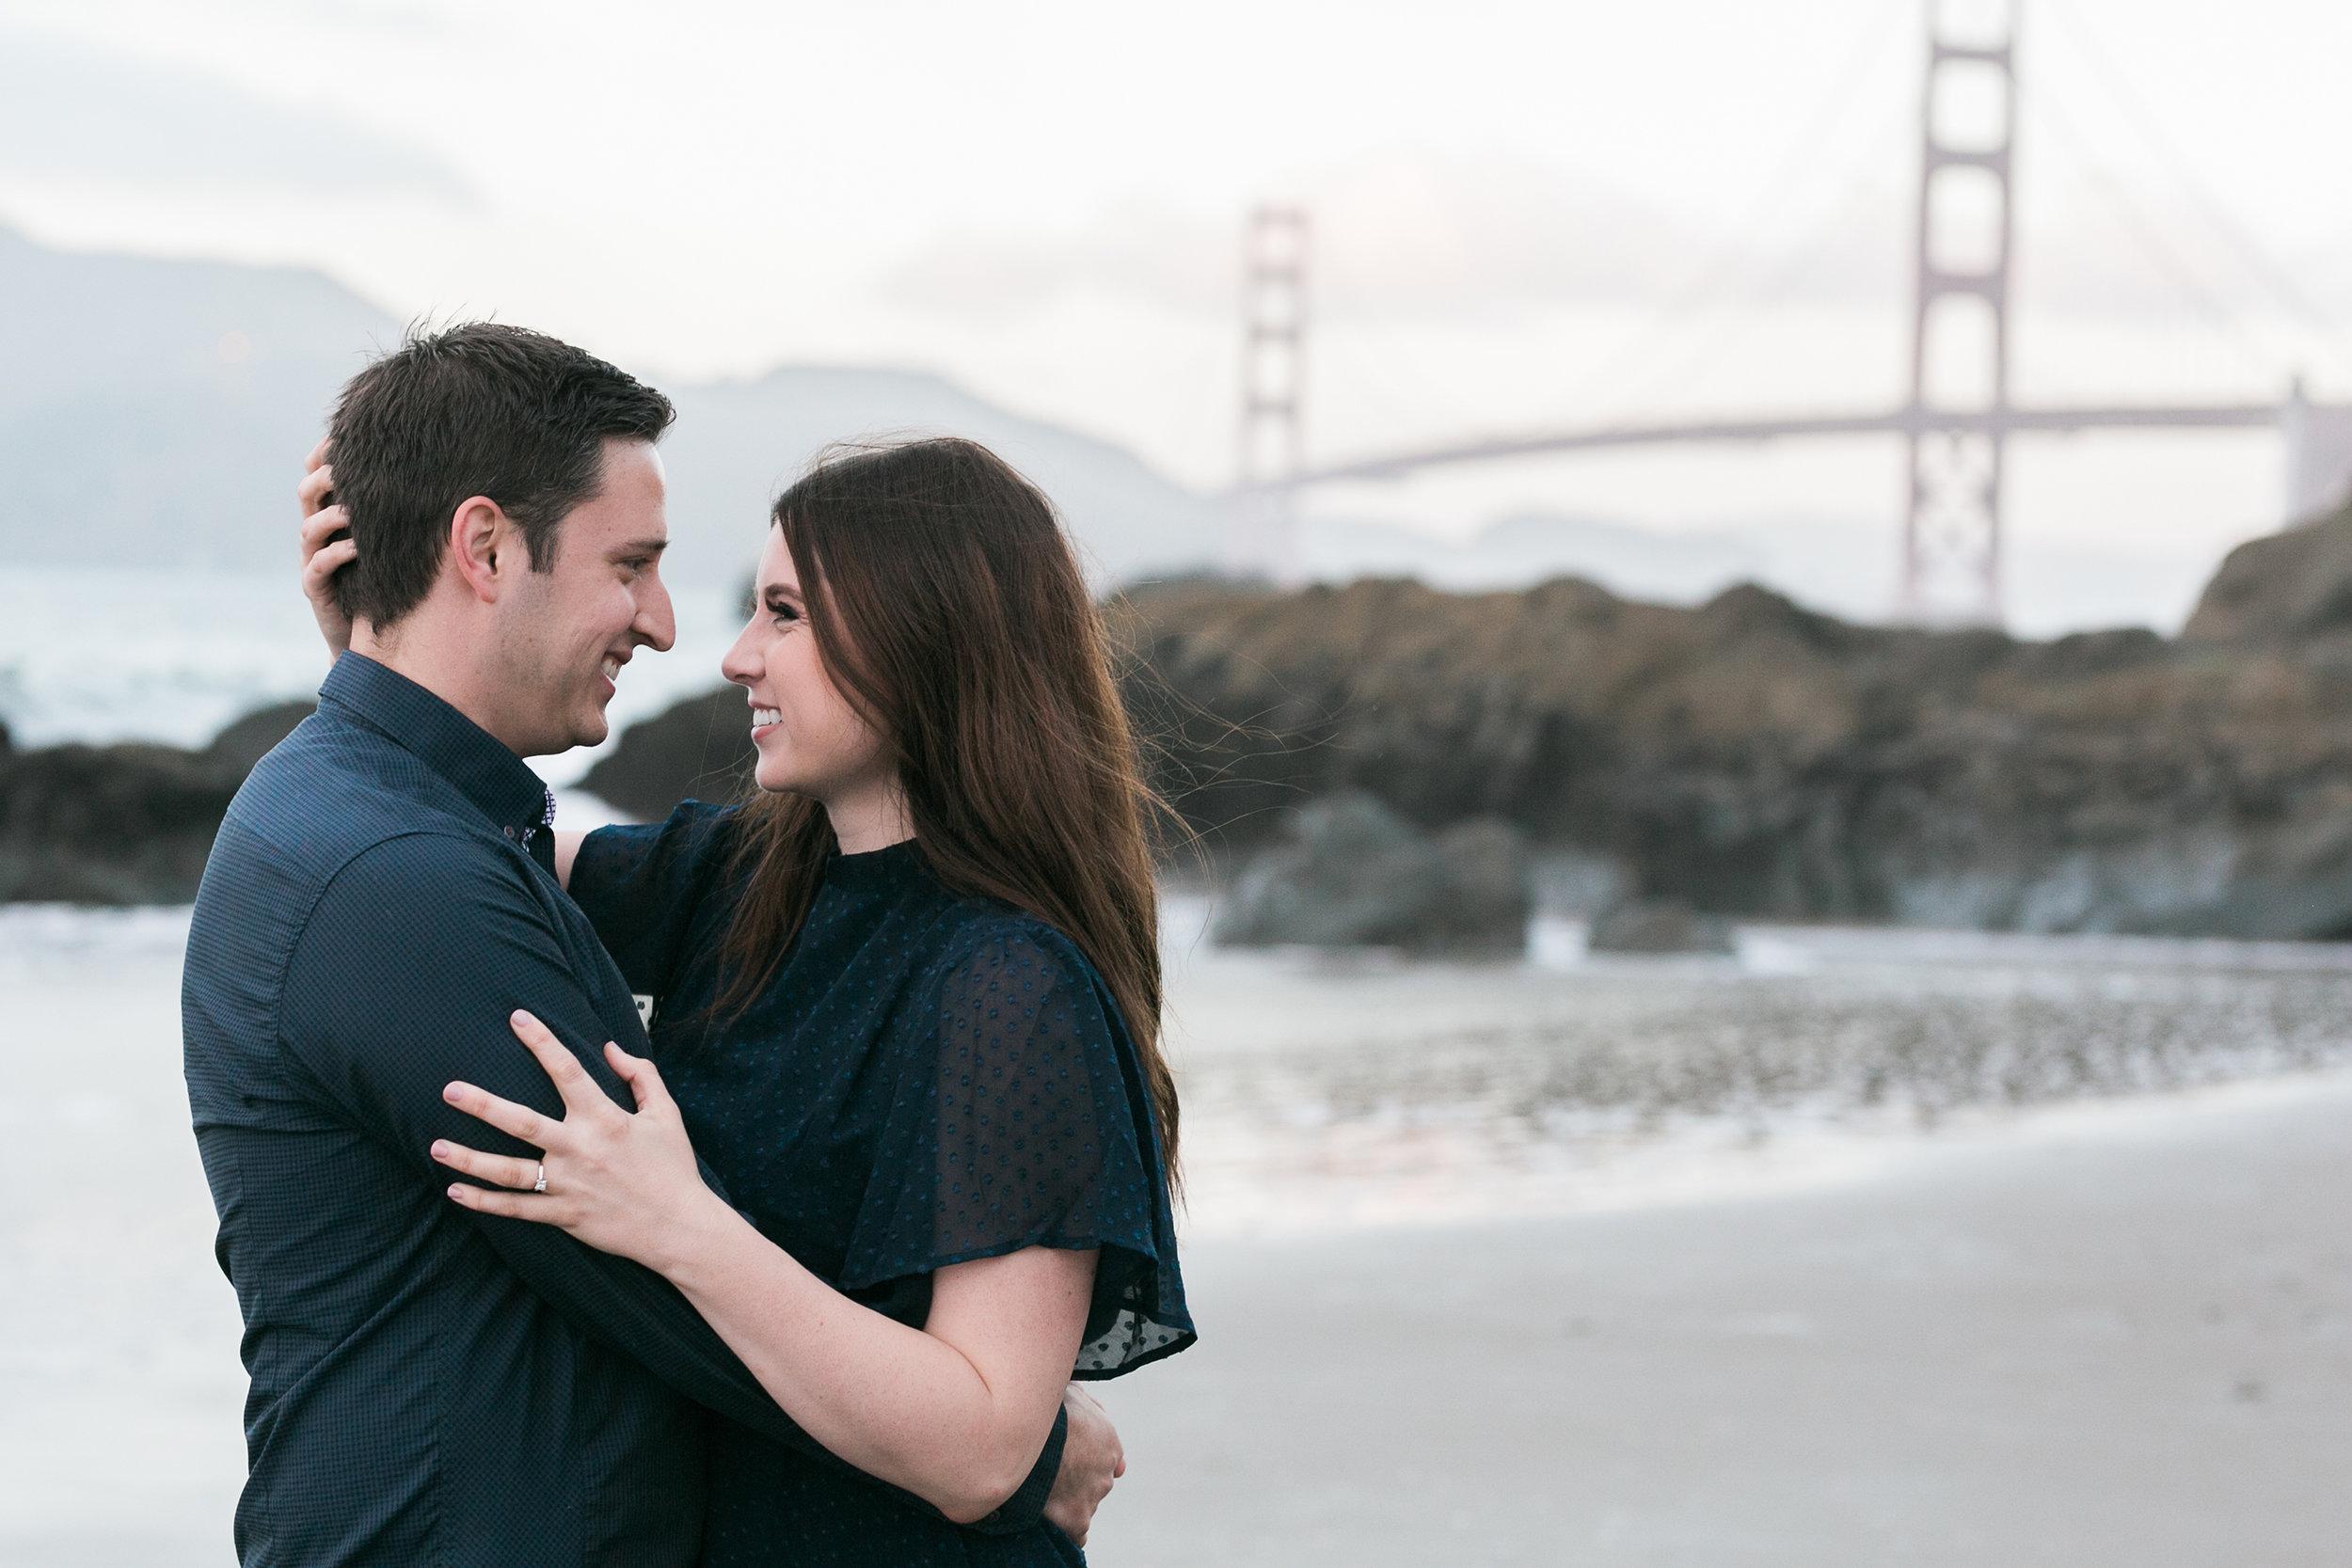 San_Francisco_Baker_Beach_Engagement_Session_006.jpg